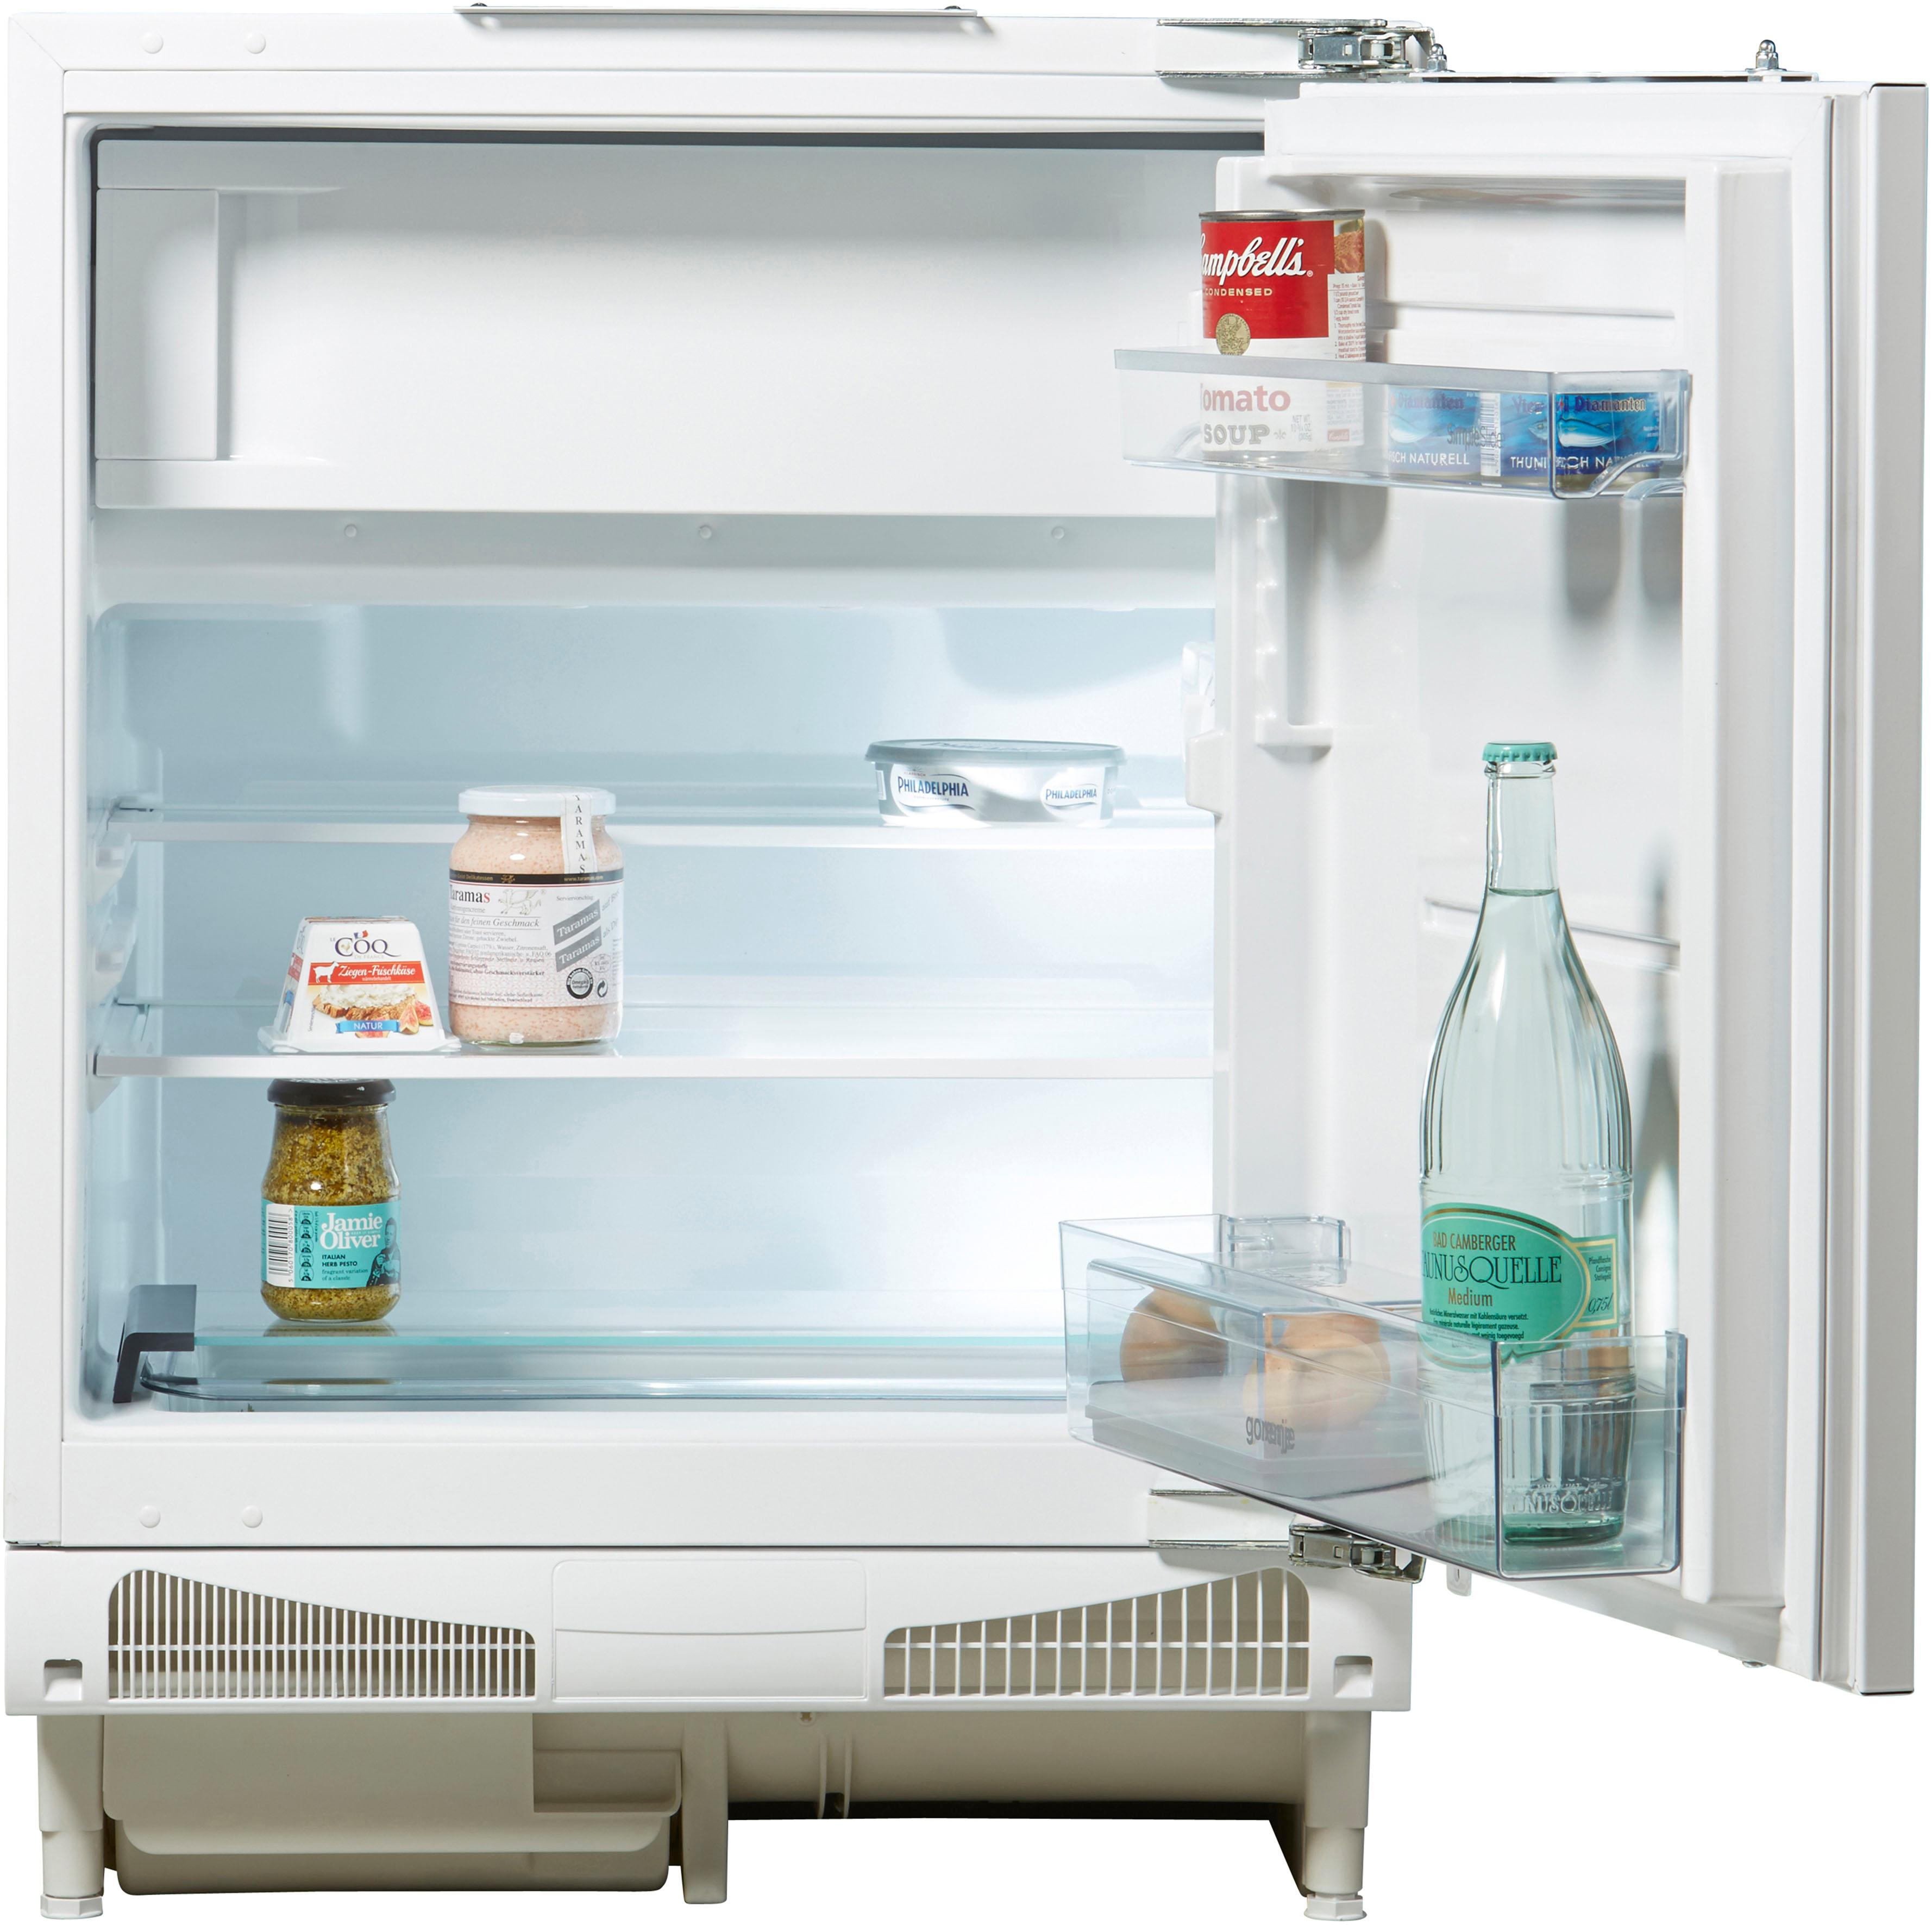 GORENJE Einbaukühlschrank, 82 cm hoch, 59, 6 cm breit   Küche und Esszimmer > Küchenelektrogeräte > Kühlschränke   Gorenje